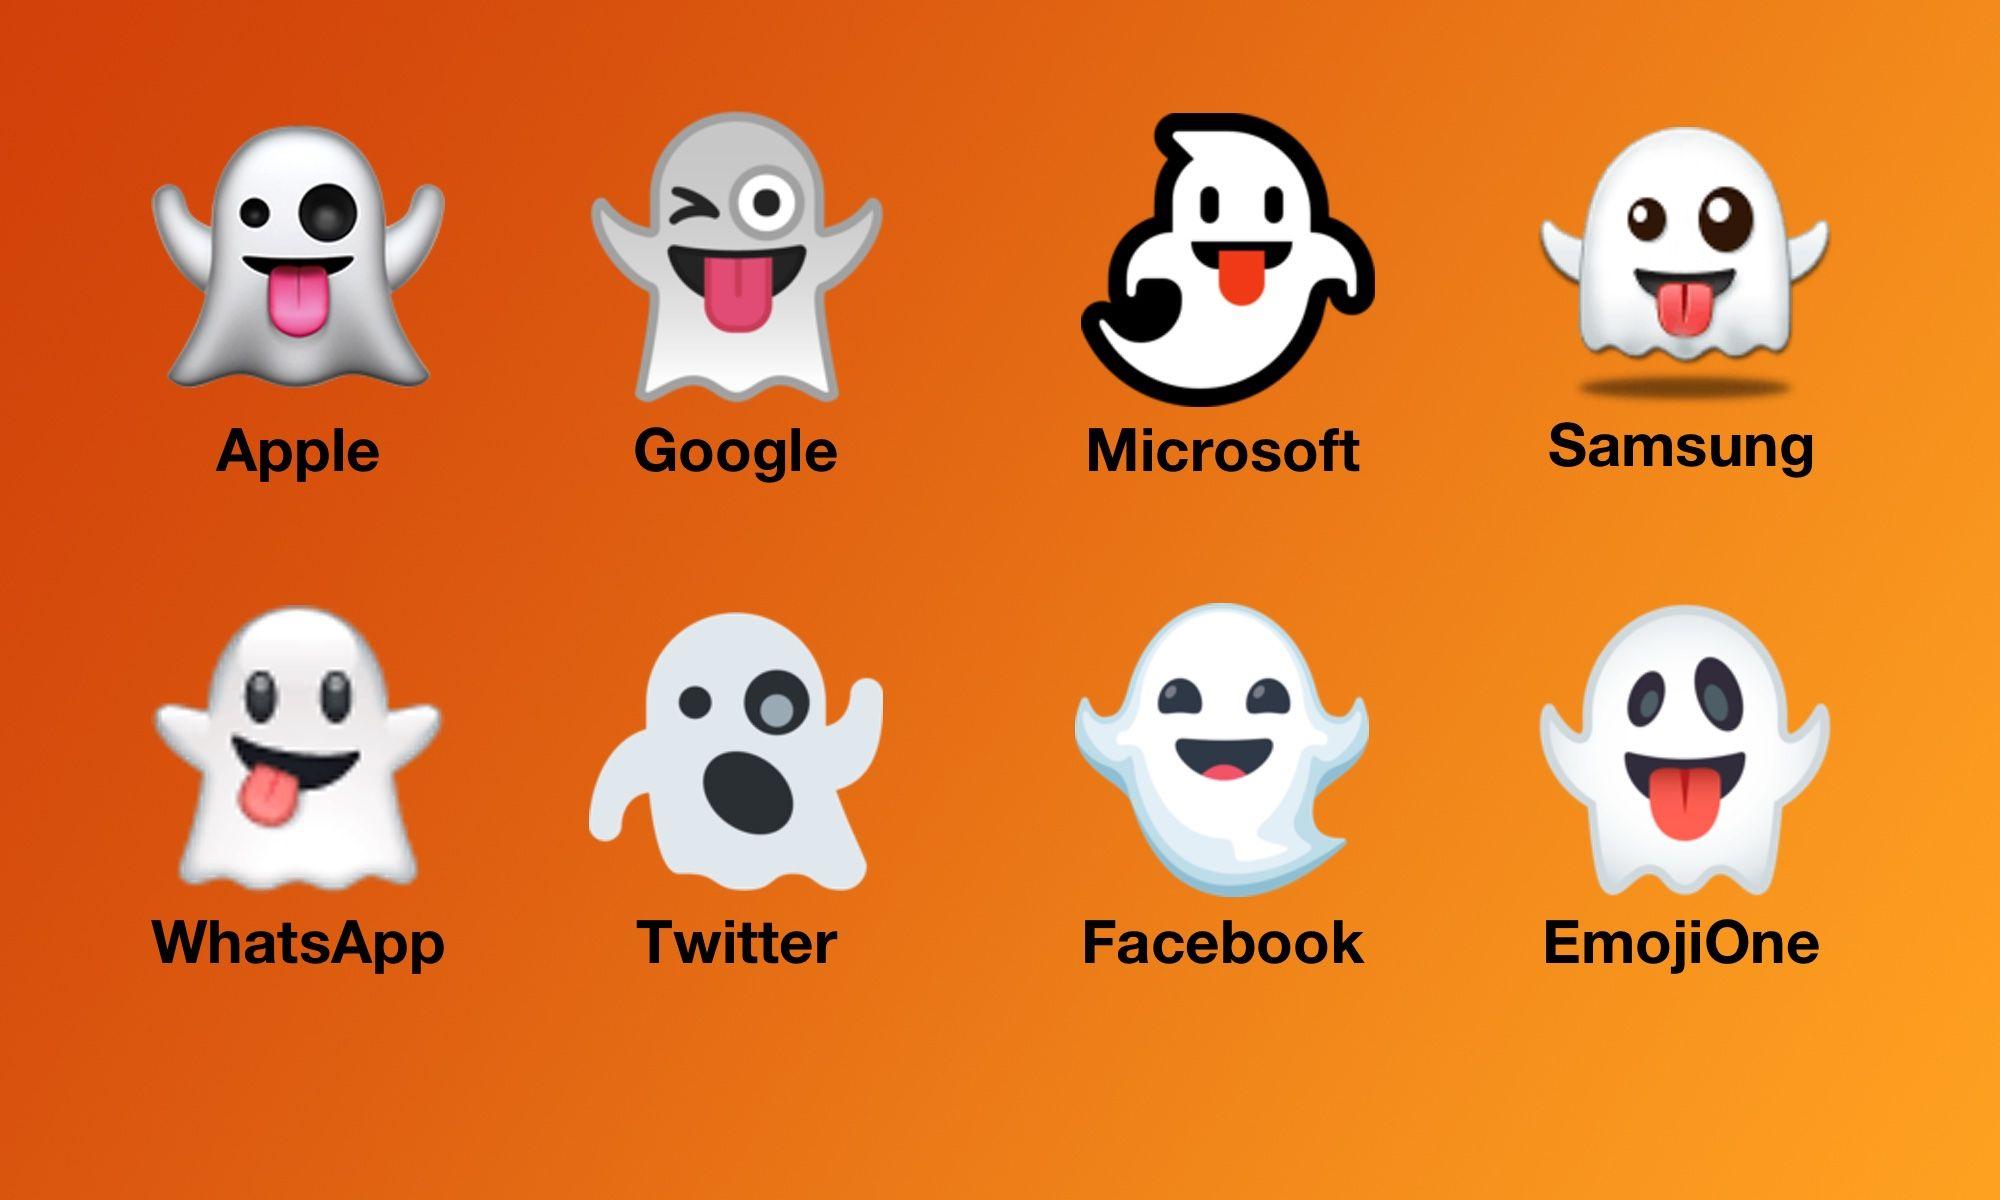 Emojiology: 👻 Ghost